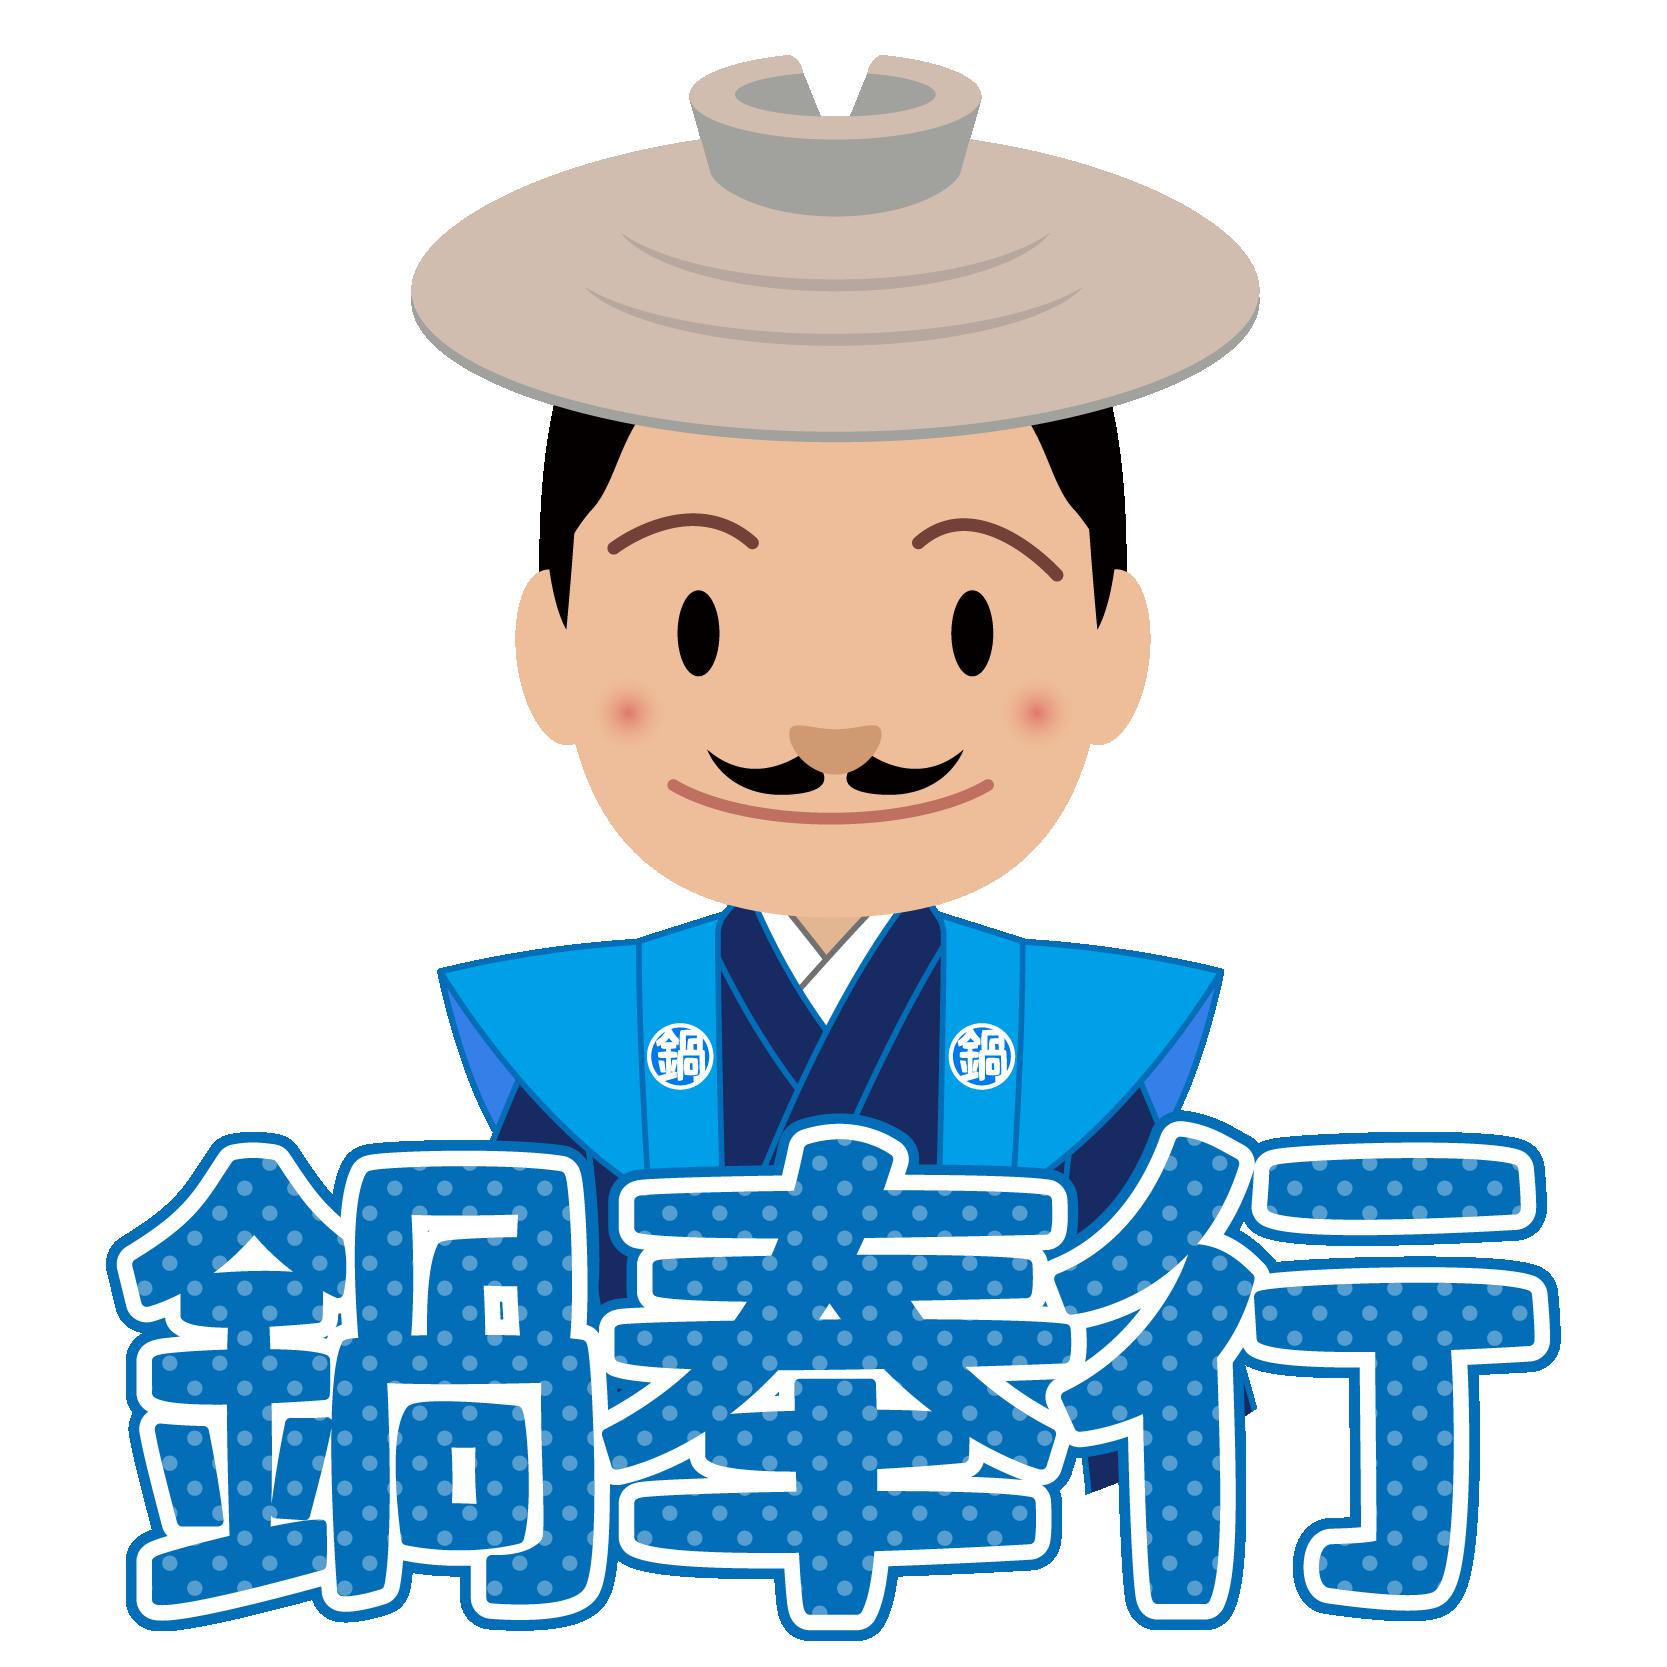 商用フリー・無料イラスト_鍋奉行_01